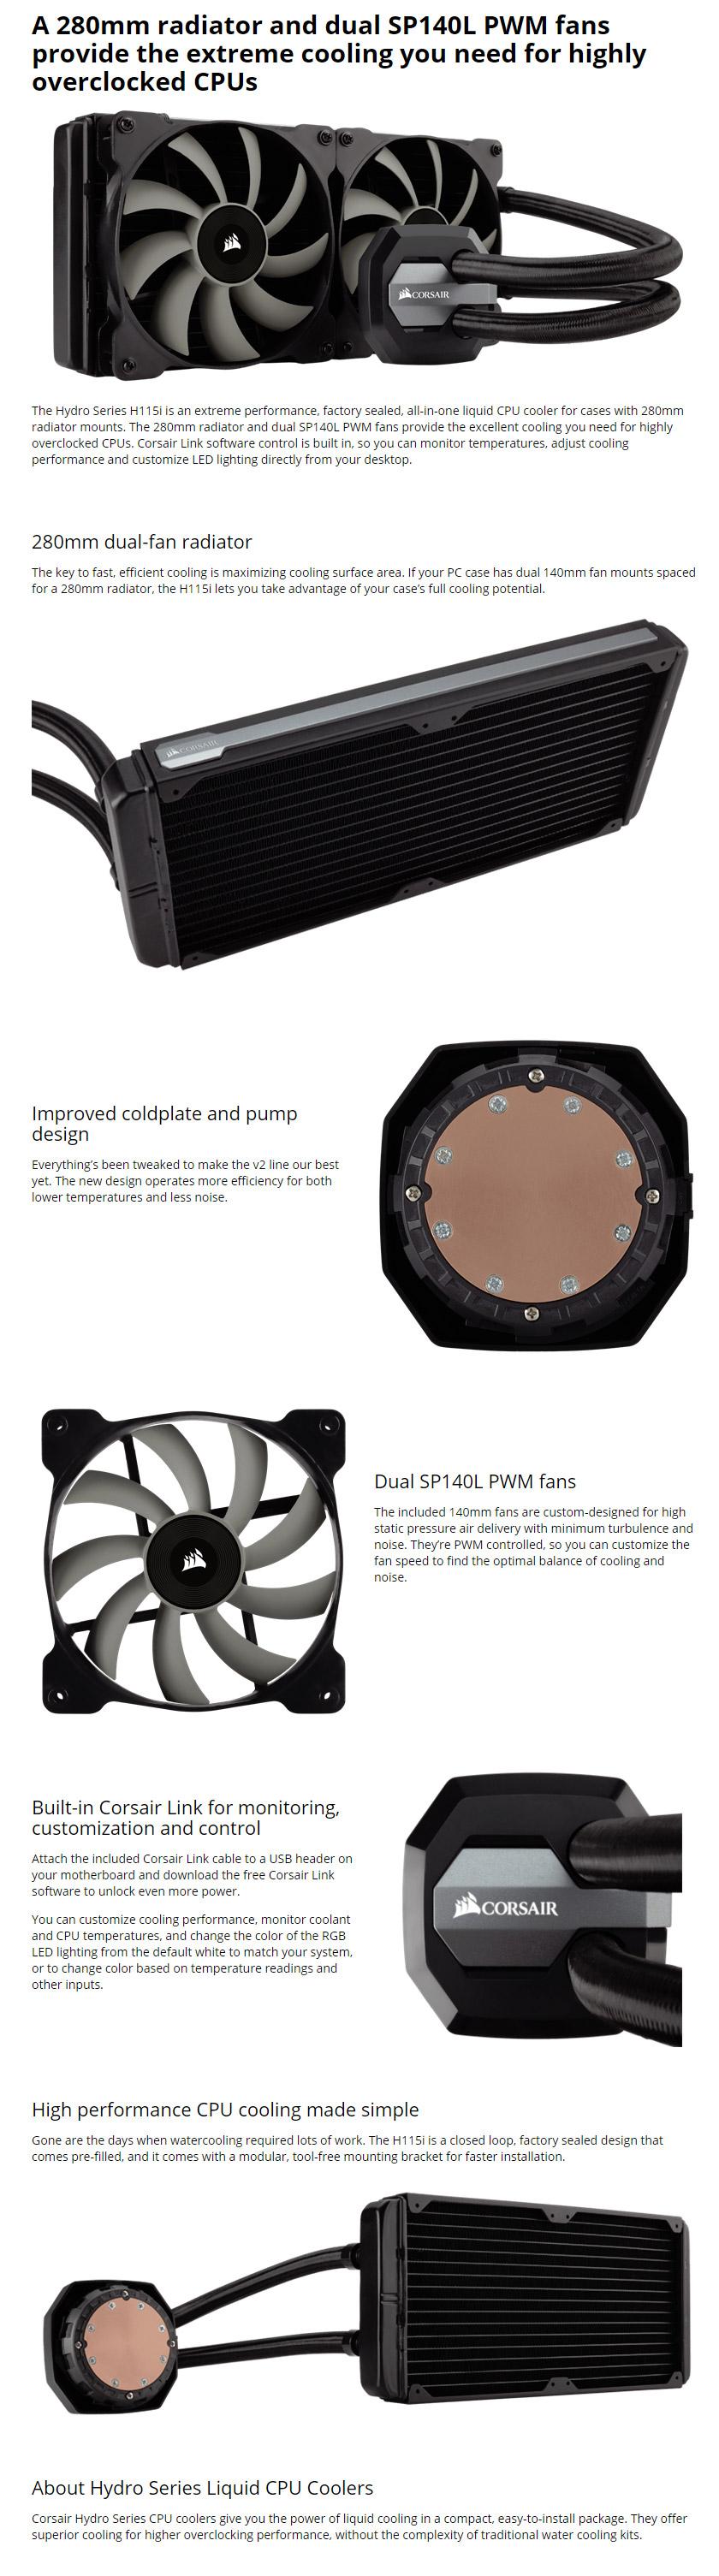 Corsair Hydro Series H115i 280mm Liquid CPU Cooler [CW